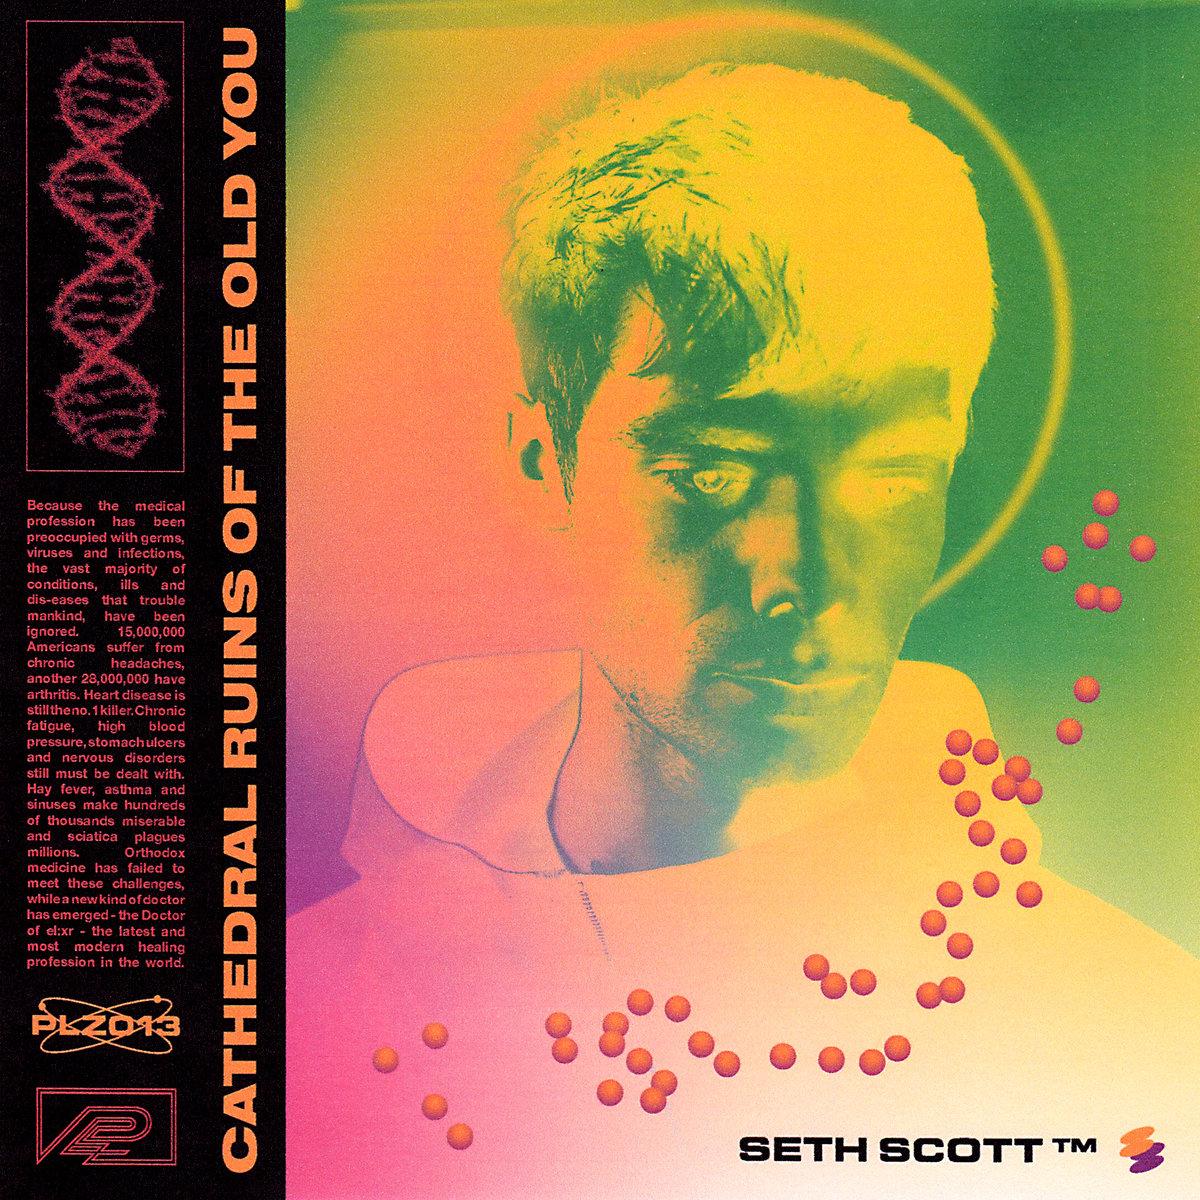 SETH SCOTT™